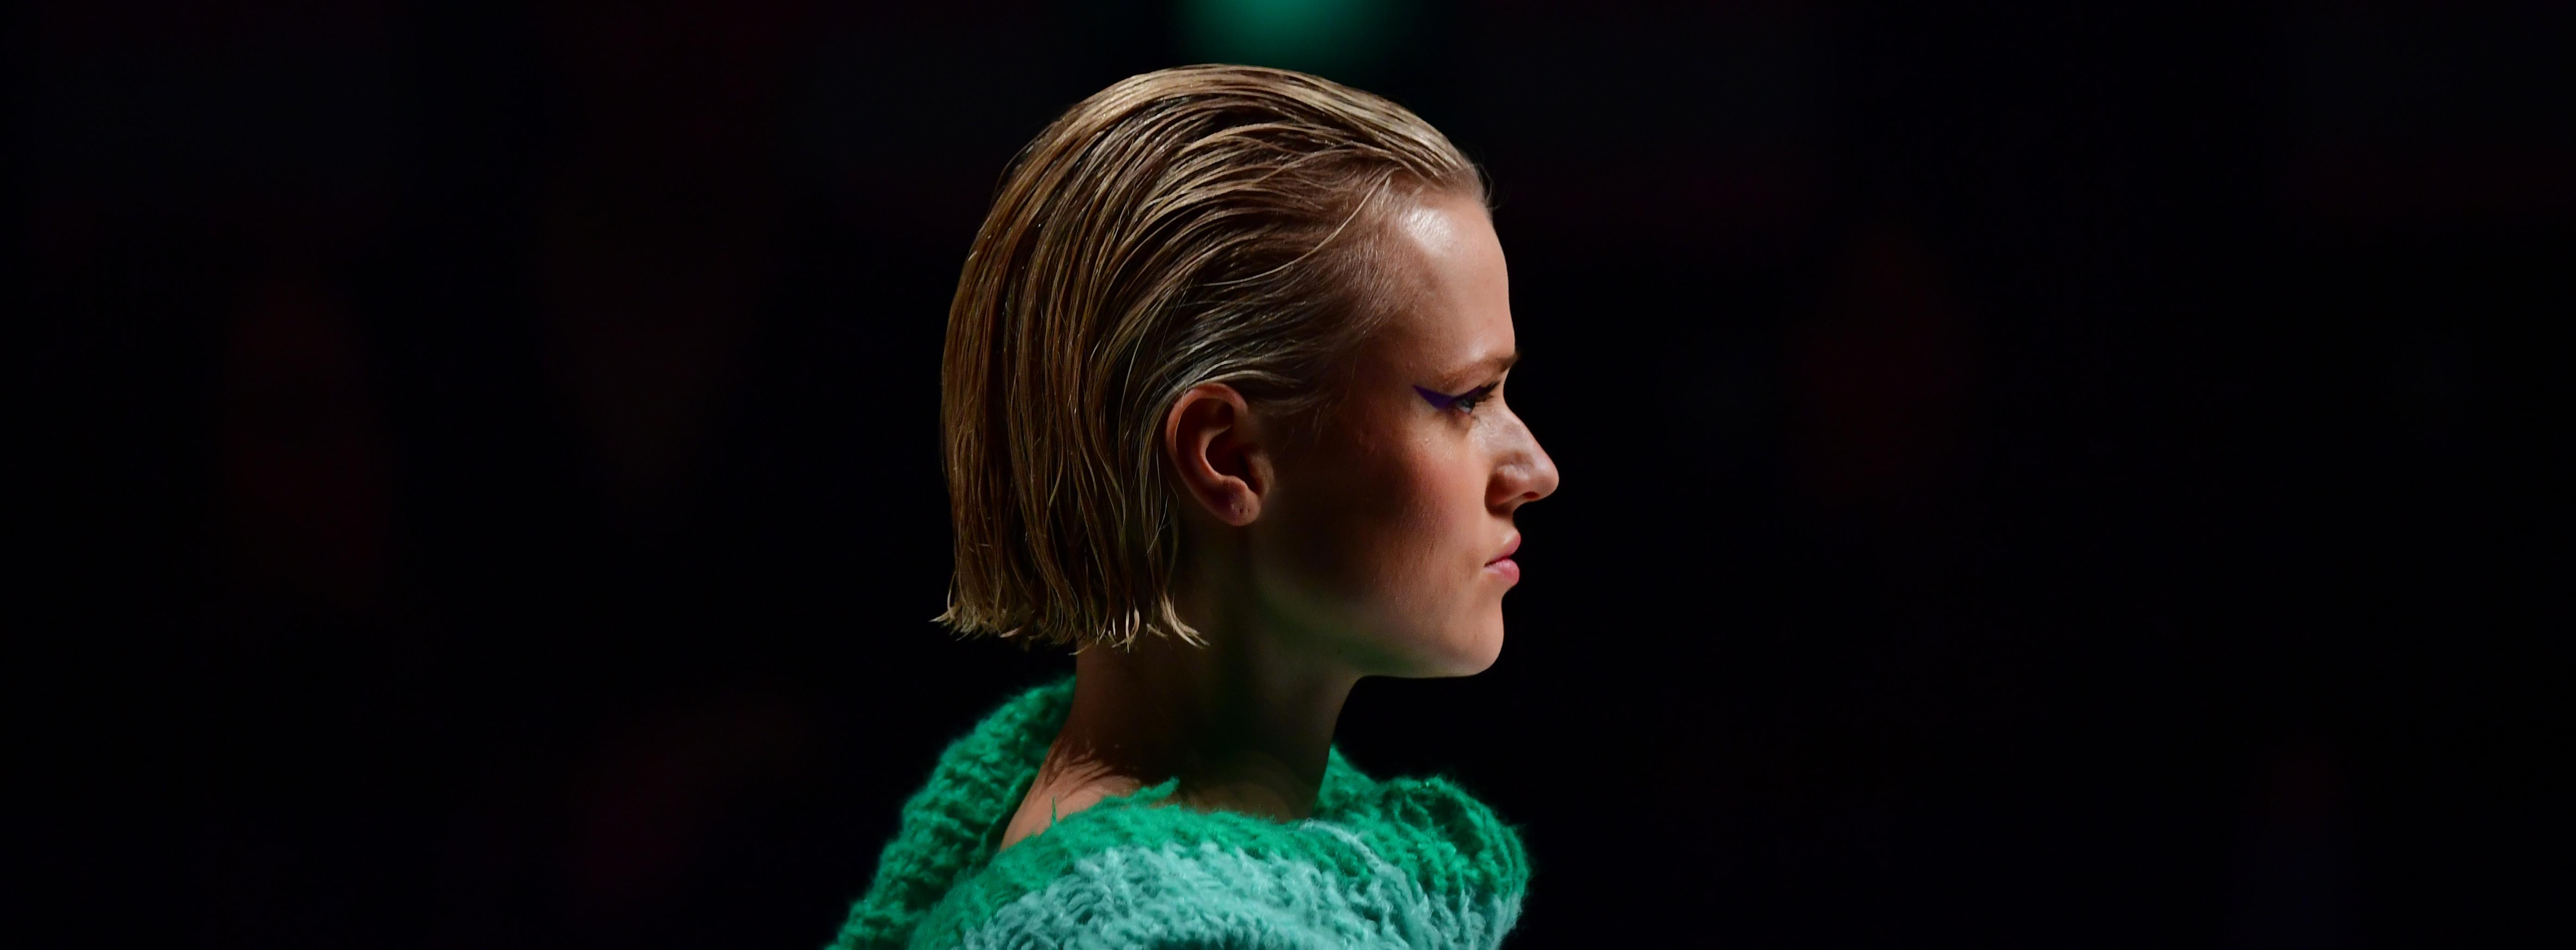 Die Herbst/Winter Kollektion 2020-2021 auf der Fashionweek in Berlin von Cashmere Victim